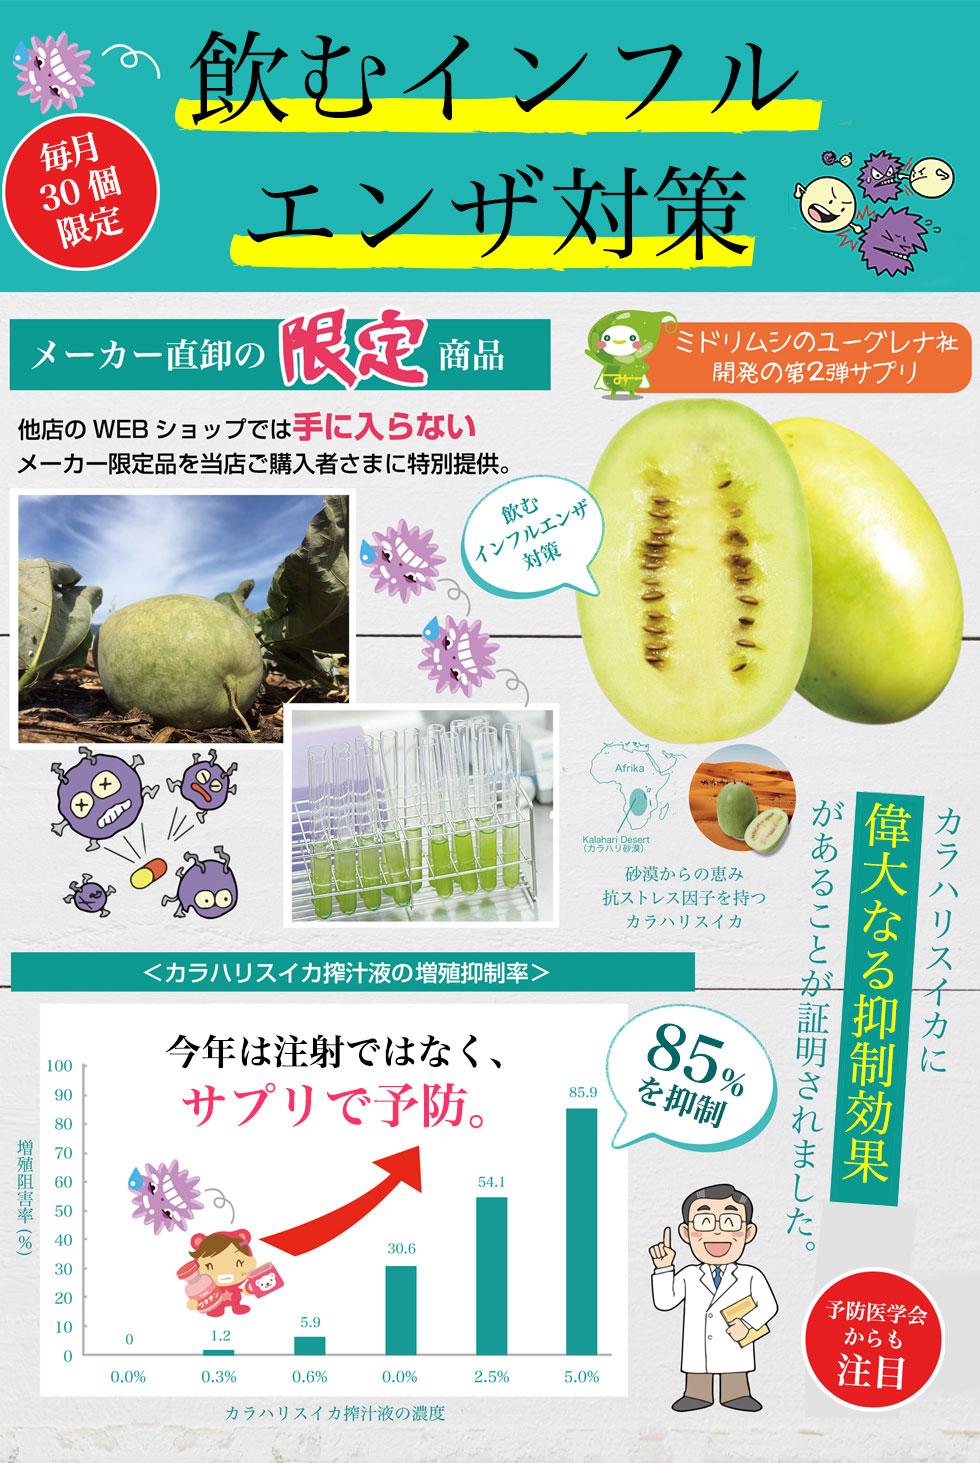 カラハリスイカの果実は抗酸化力がシトルリンの11倍